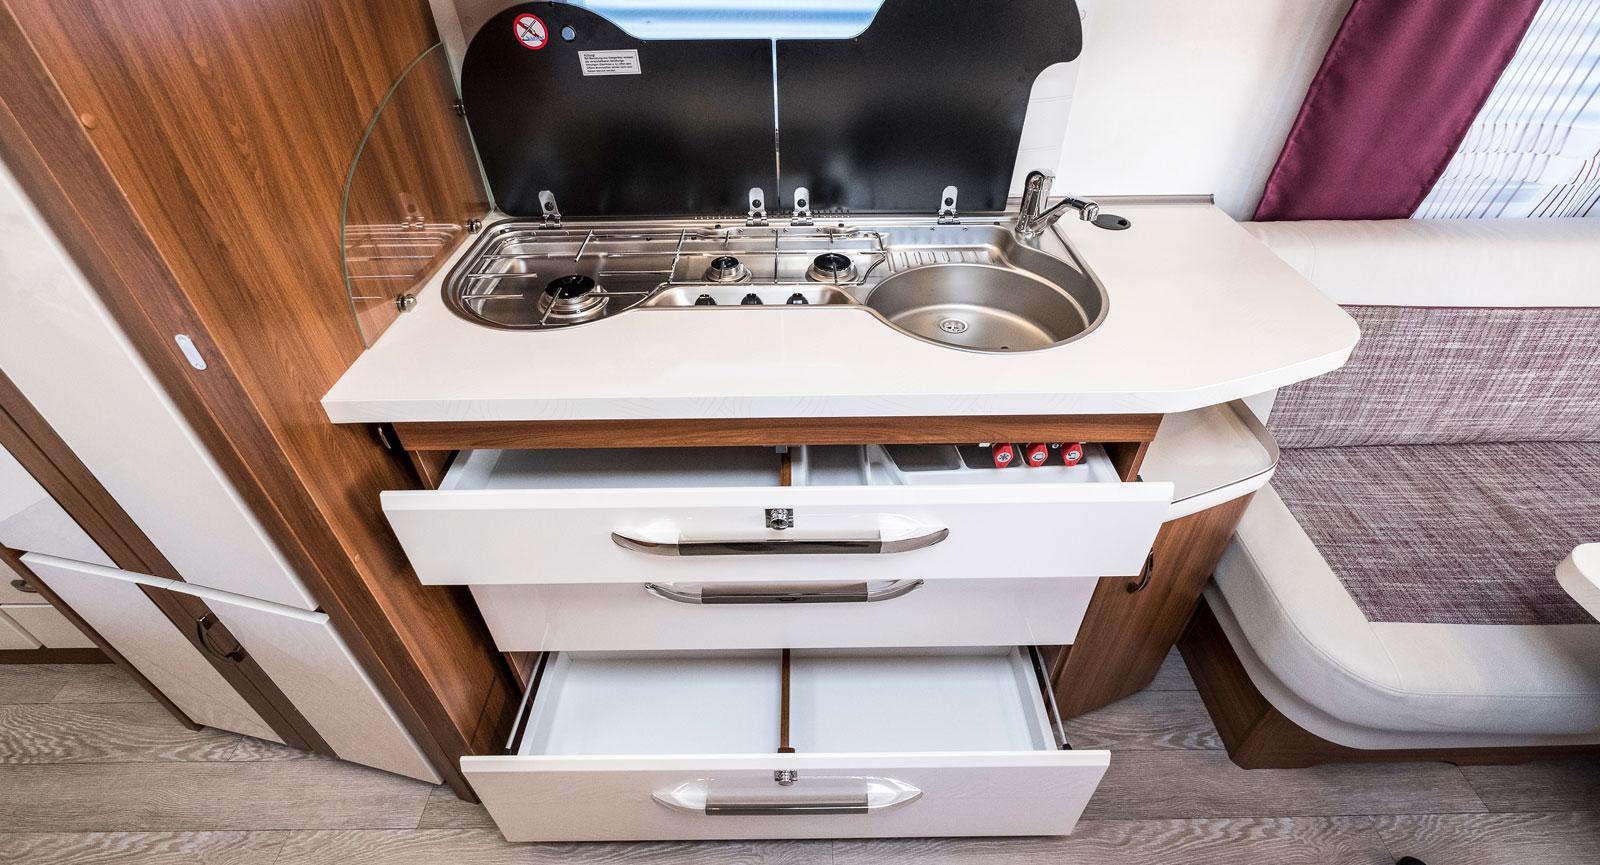 560 WFU har ett rakt kök som är lättjobbat. I och med att spisen och diskhon placerats mot fönstret går det att jobba framför.